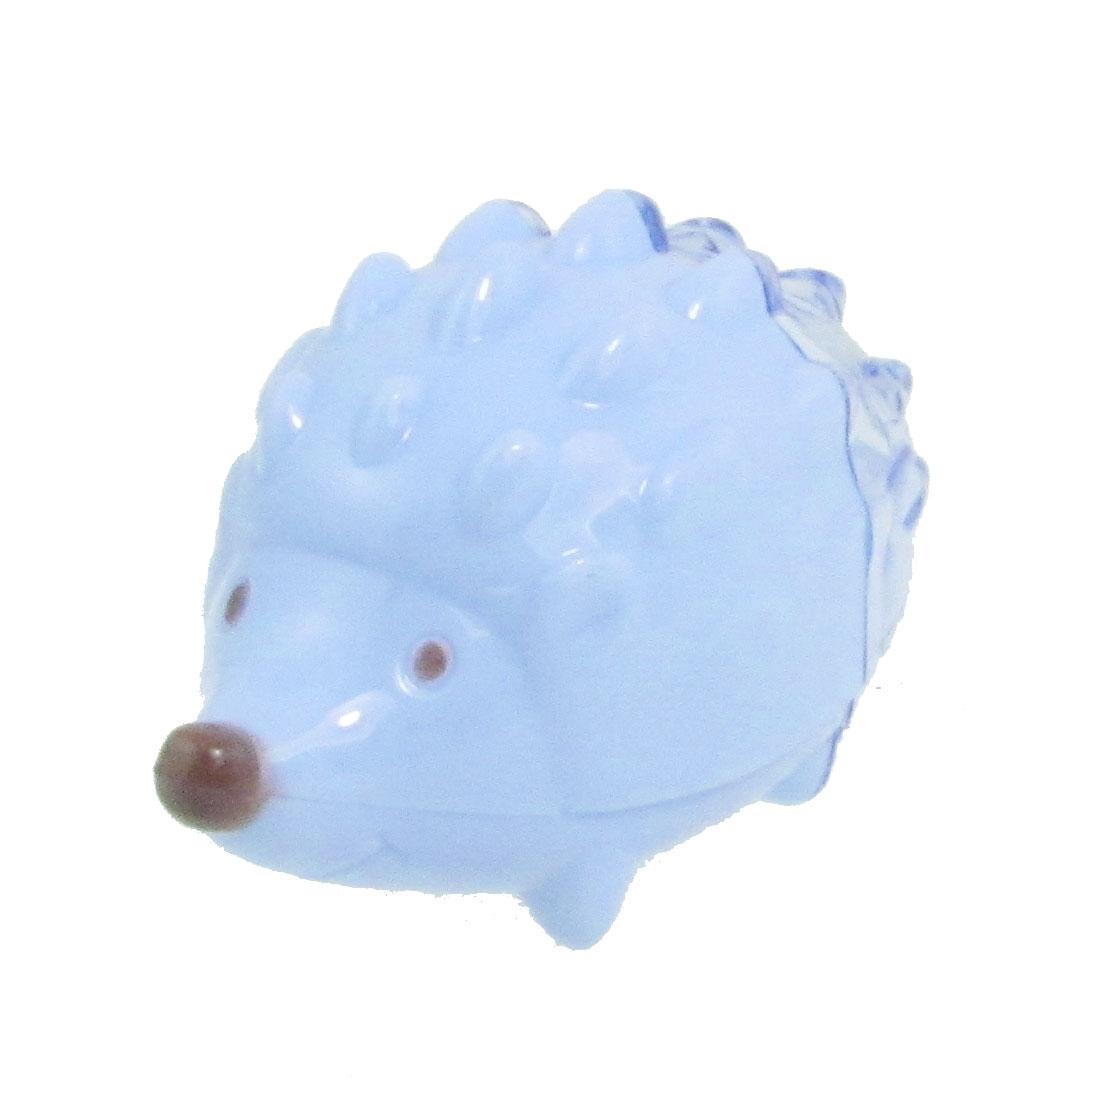 Blue Plastic Hedgehog Design Pencil Sharpener for Students